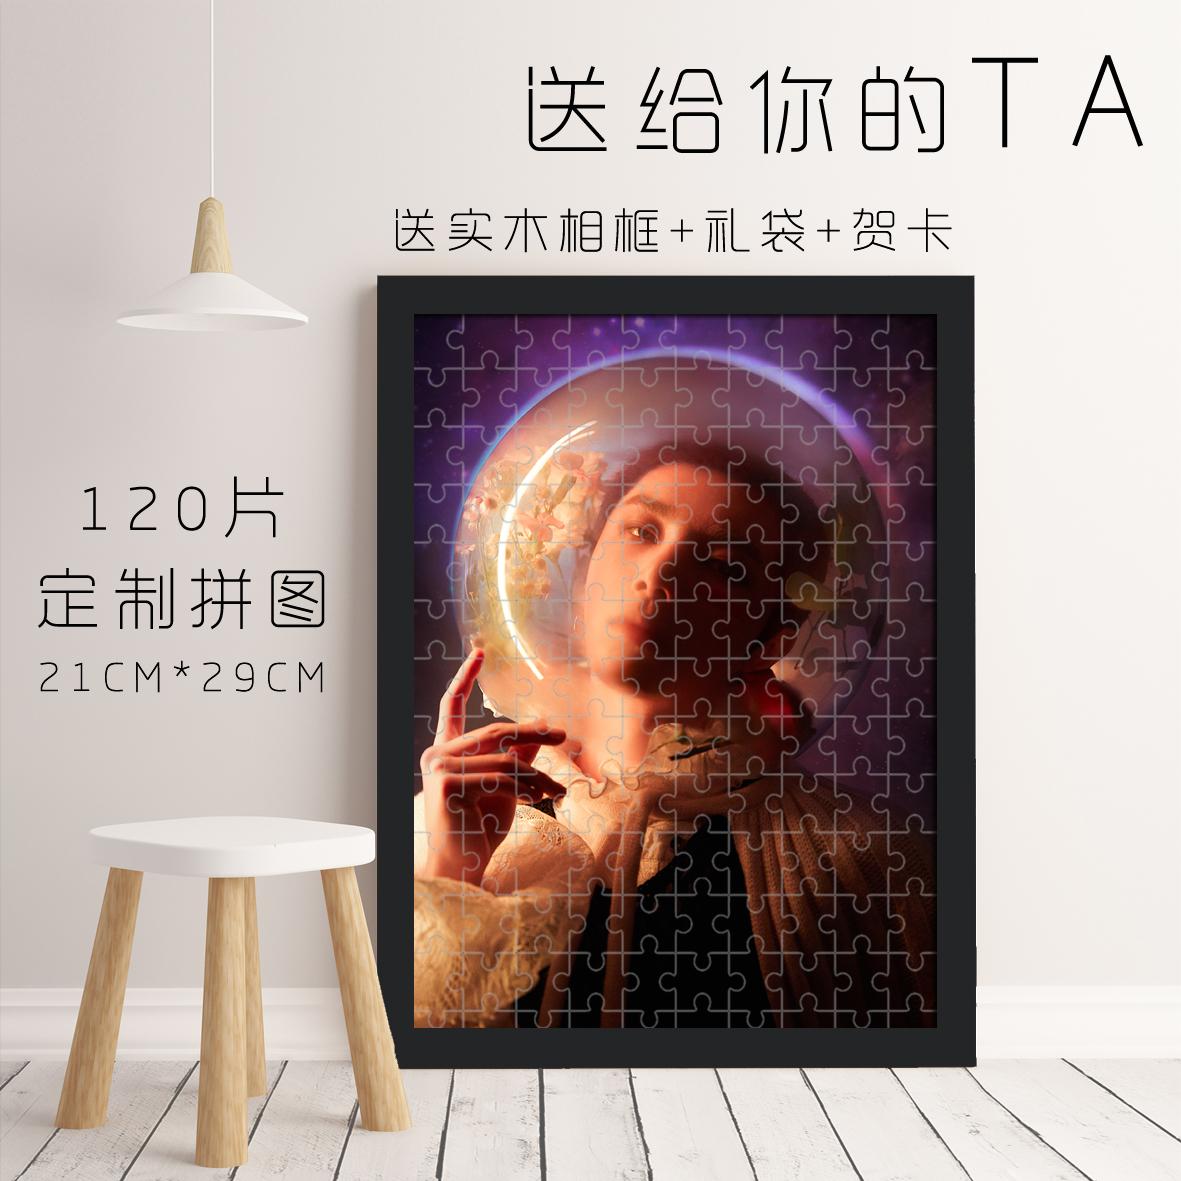 华晨宇同款周边花花拼图HCY生日礼物创意DIY拼图火星演唱会送相框